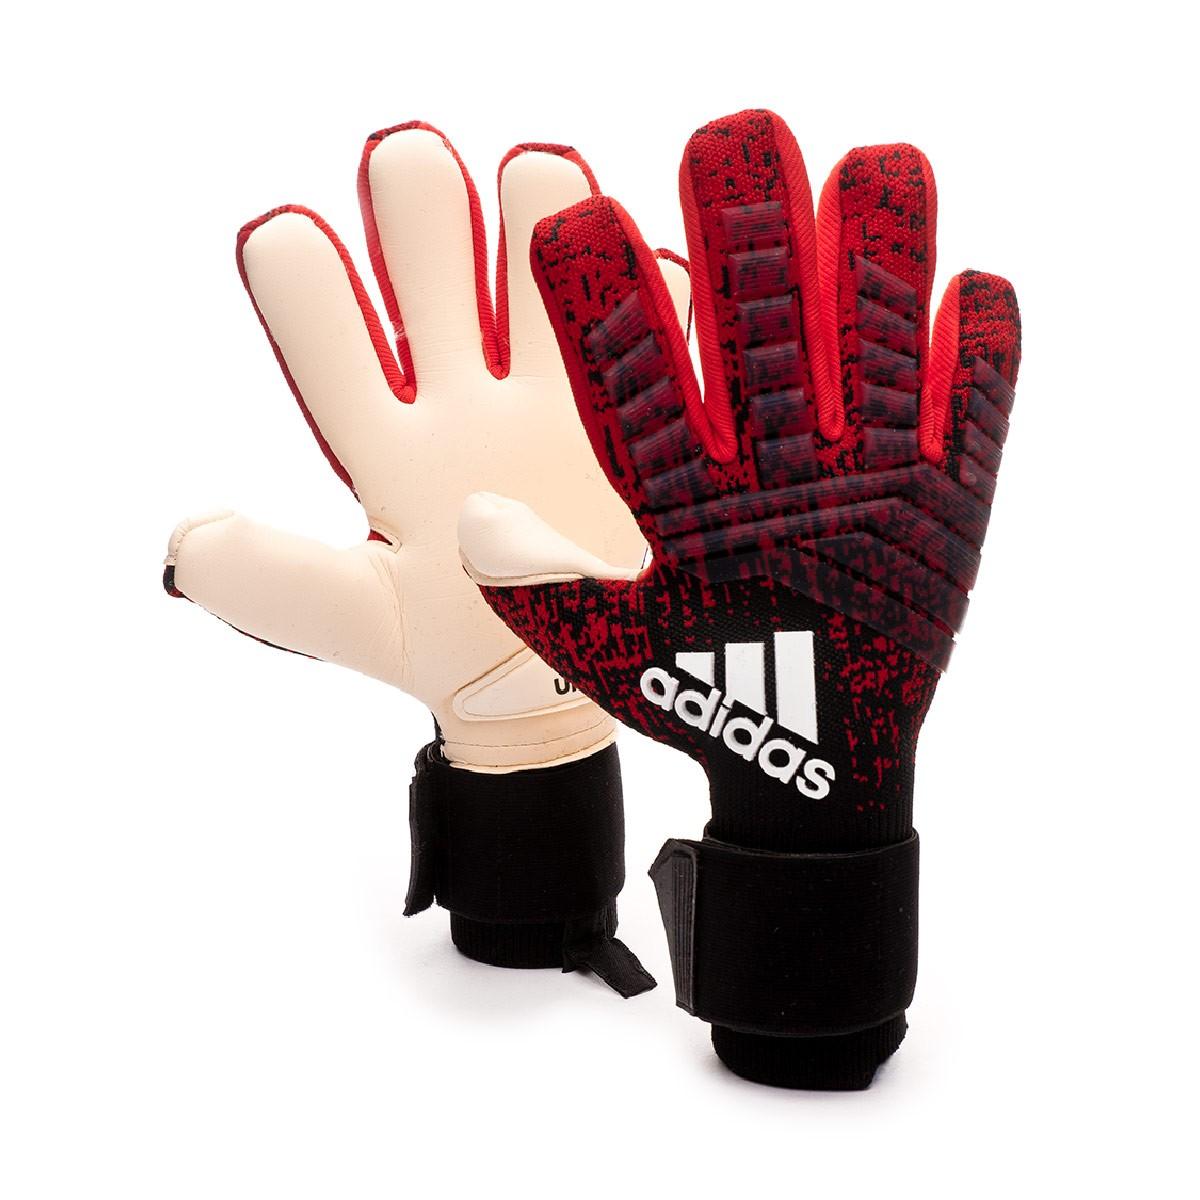 Chelín clon Incontable  Guante de portero adidas Predator Pro PC Active red-Black-Solar red -  Tienda de fútbol Fútbol Emotion